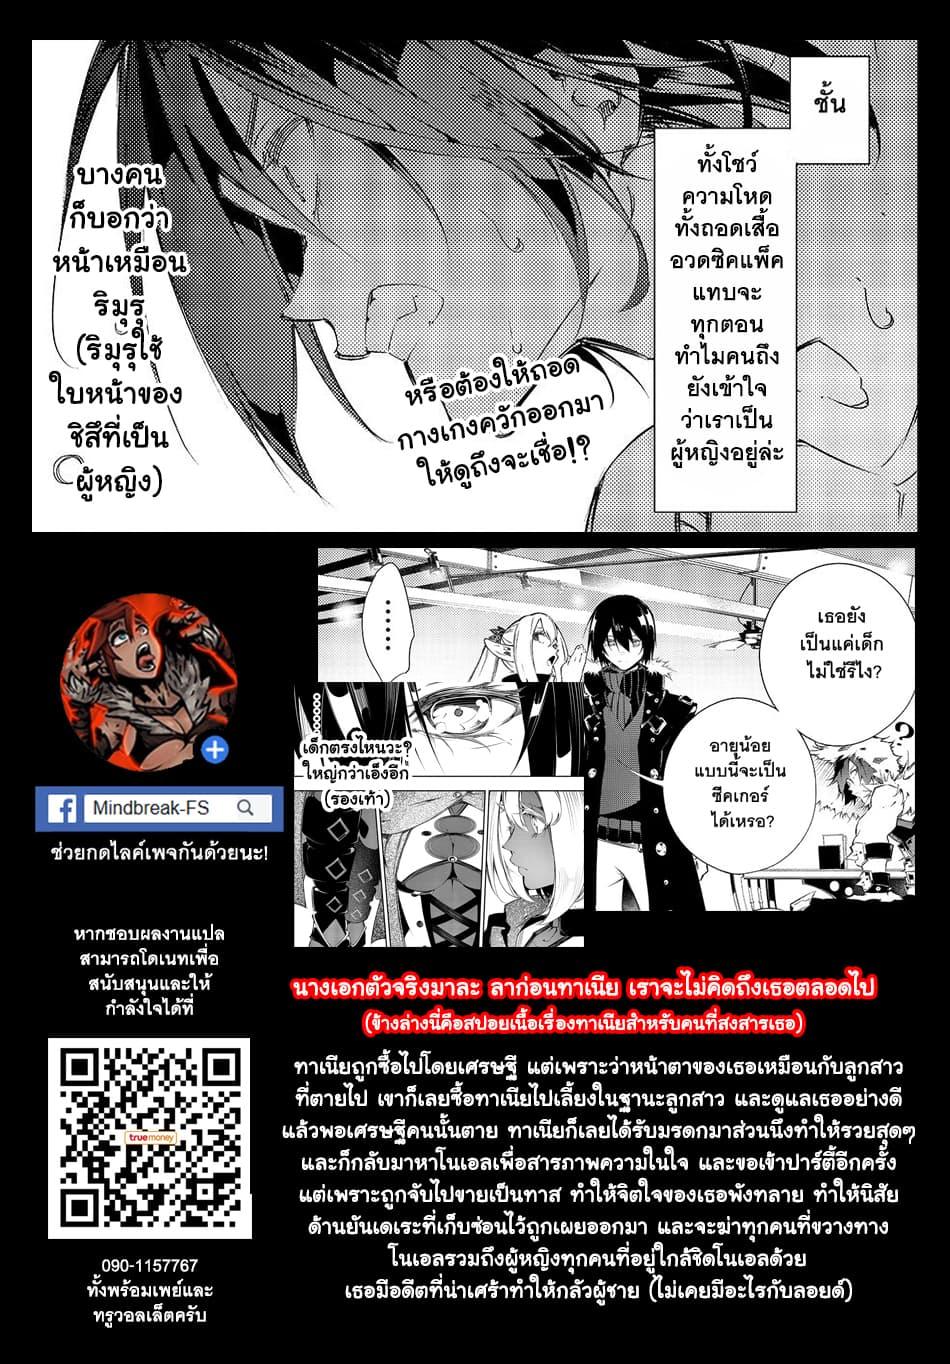 อ่านการ์ตูน Saikyou no Shien-shoku Wajutsushi Dearu Ore wa Sekai Saikyou Kuran o Shitagaeru ตอนที่ 9 หน้าที่ 25